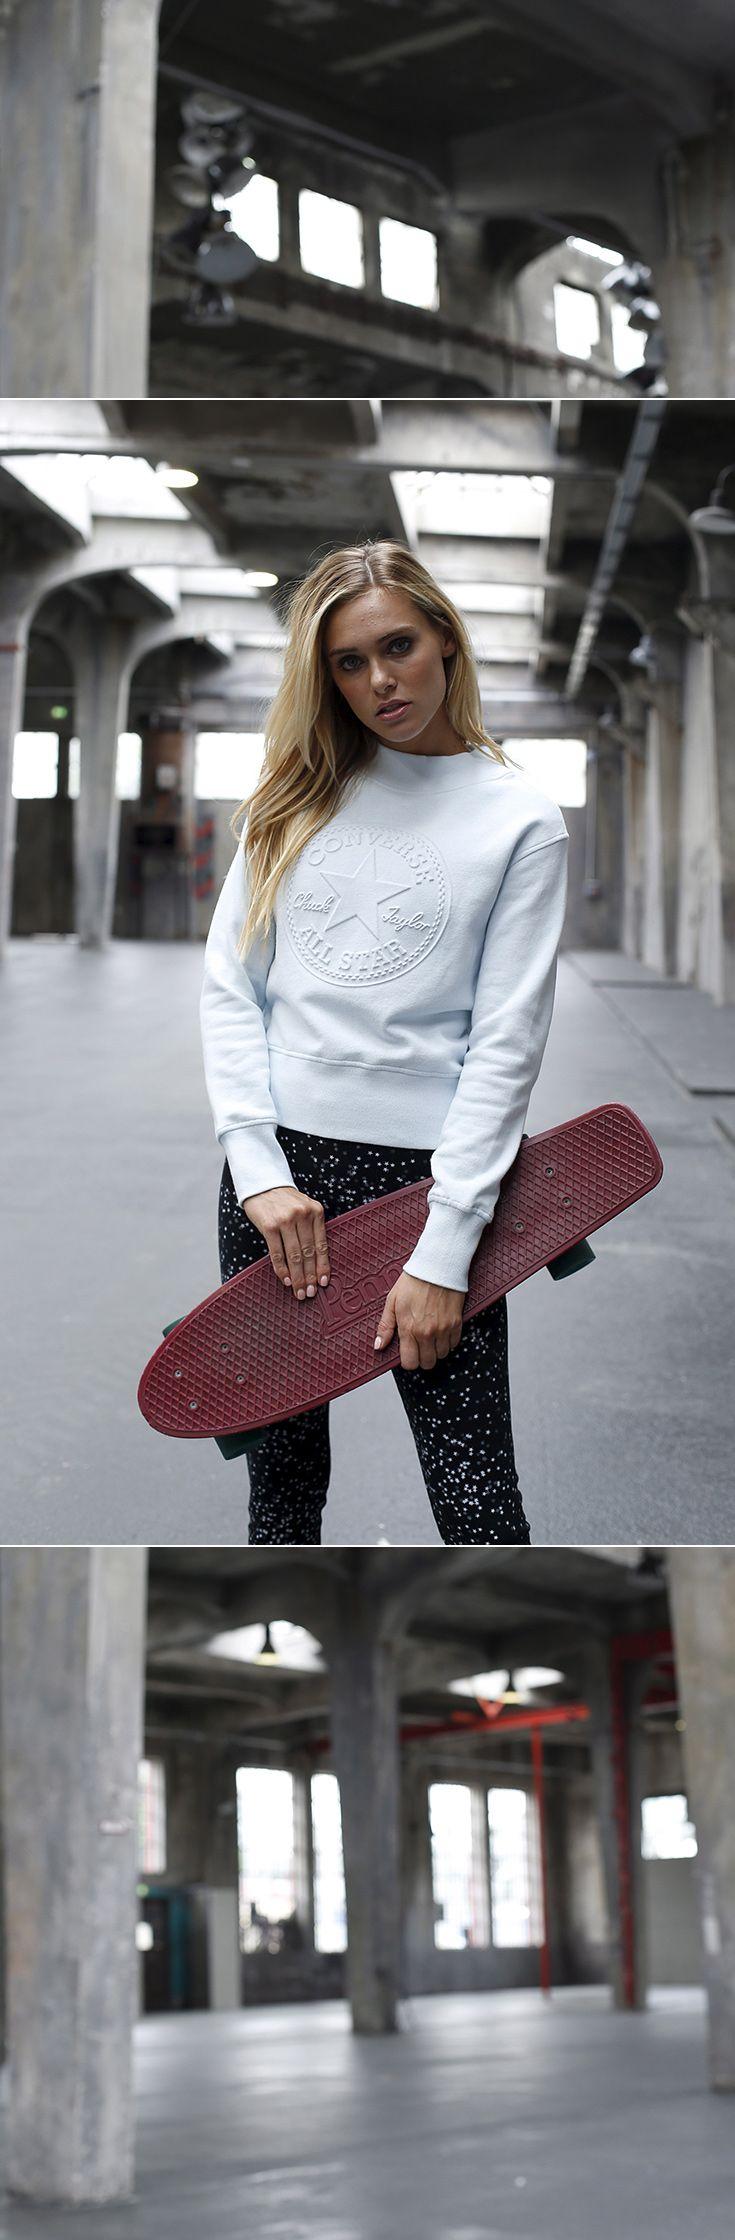 Die Mini-Cruiser zählen zu den Skateboard-Trends des Jahres – dein perfektes Outfit dazu kommt von Converse: Das Sweatshirt mit dem coolen Logo-Prägedruck wirkt mit dem kurzen, lockeren Schnitt extrem feminin, vor allen Dingen in Kombination mit der bequemen Leggins im ultimativen Sternchen-Look